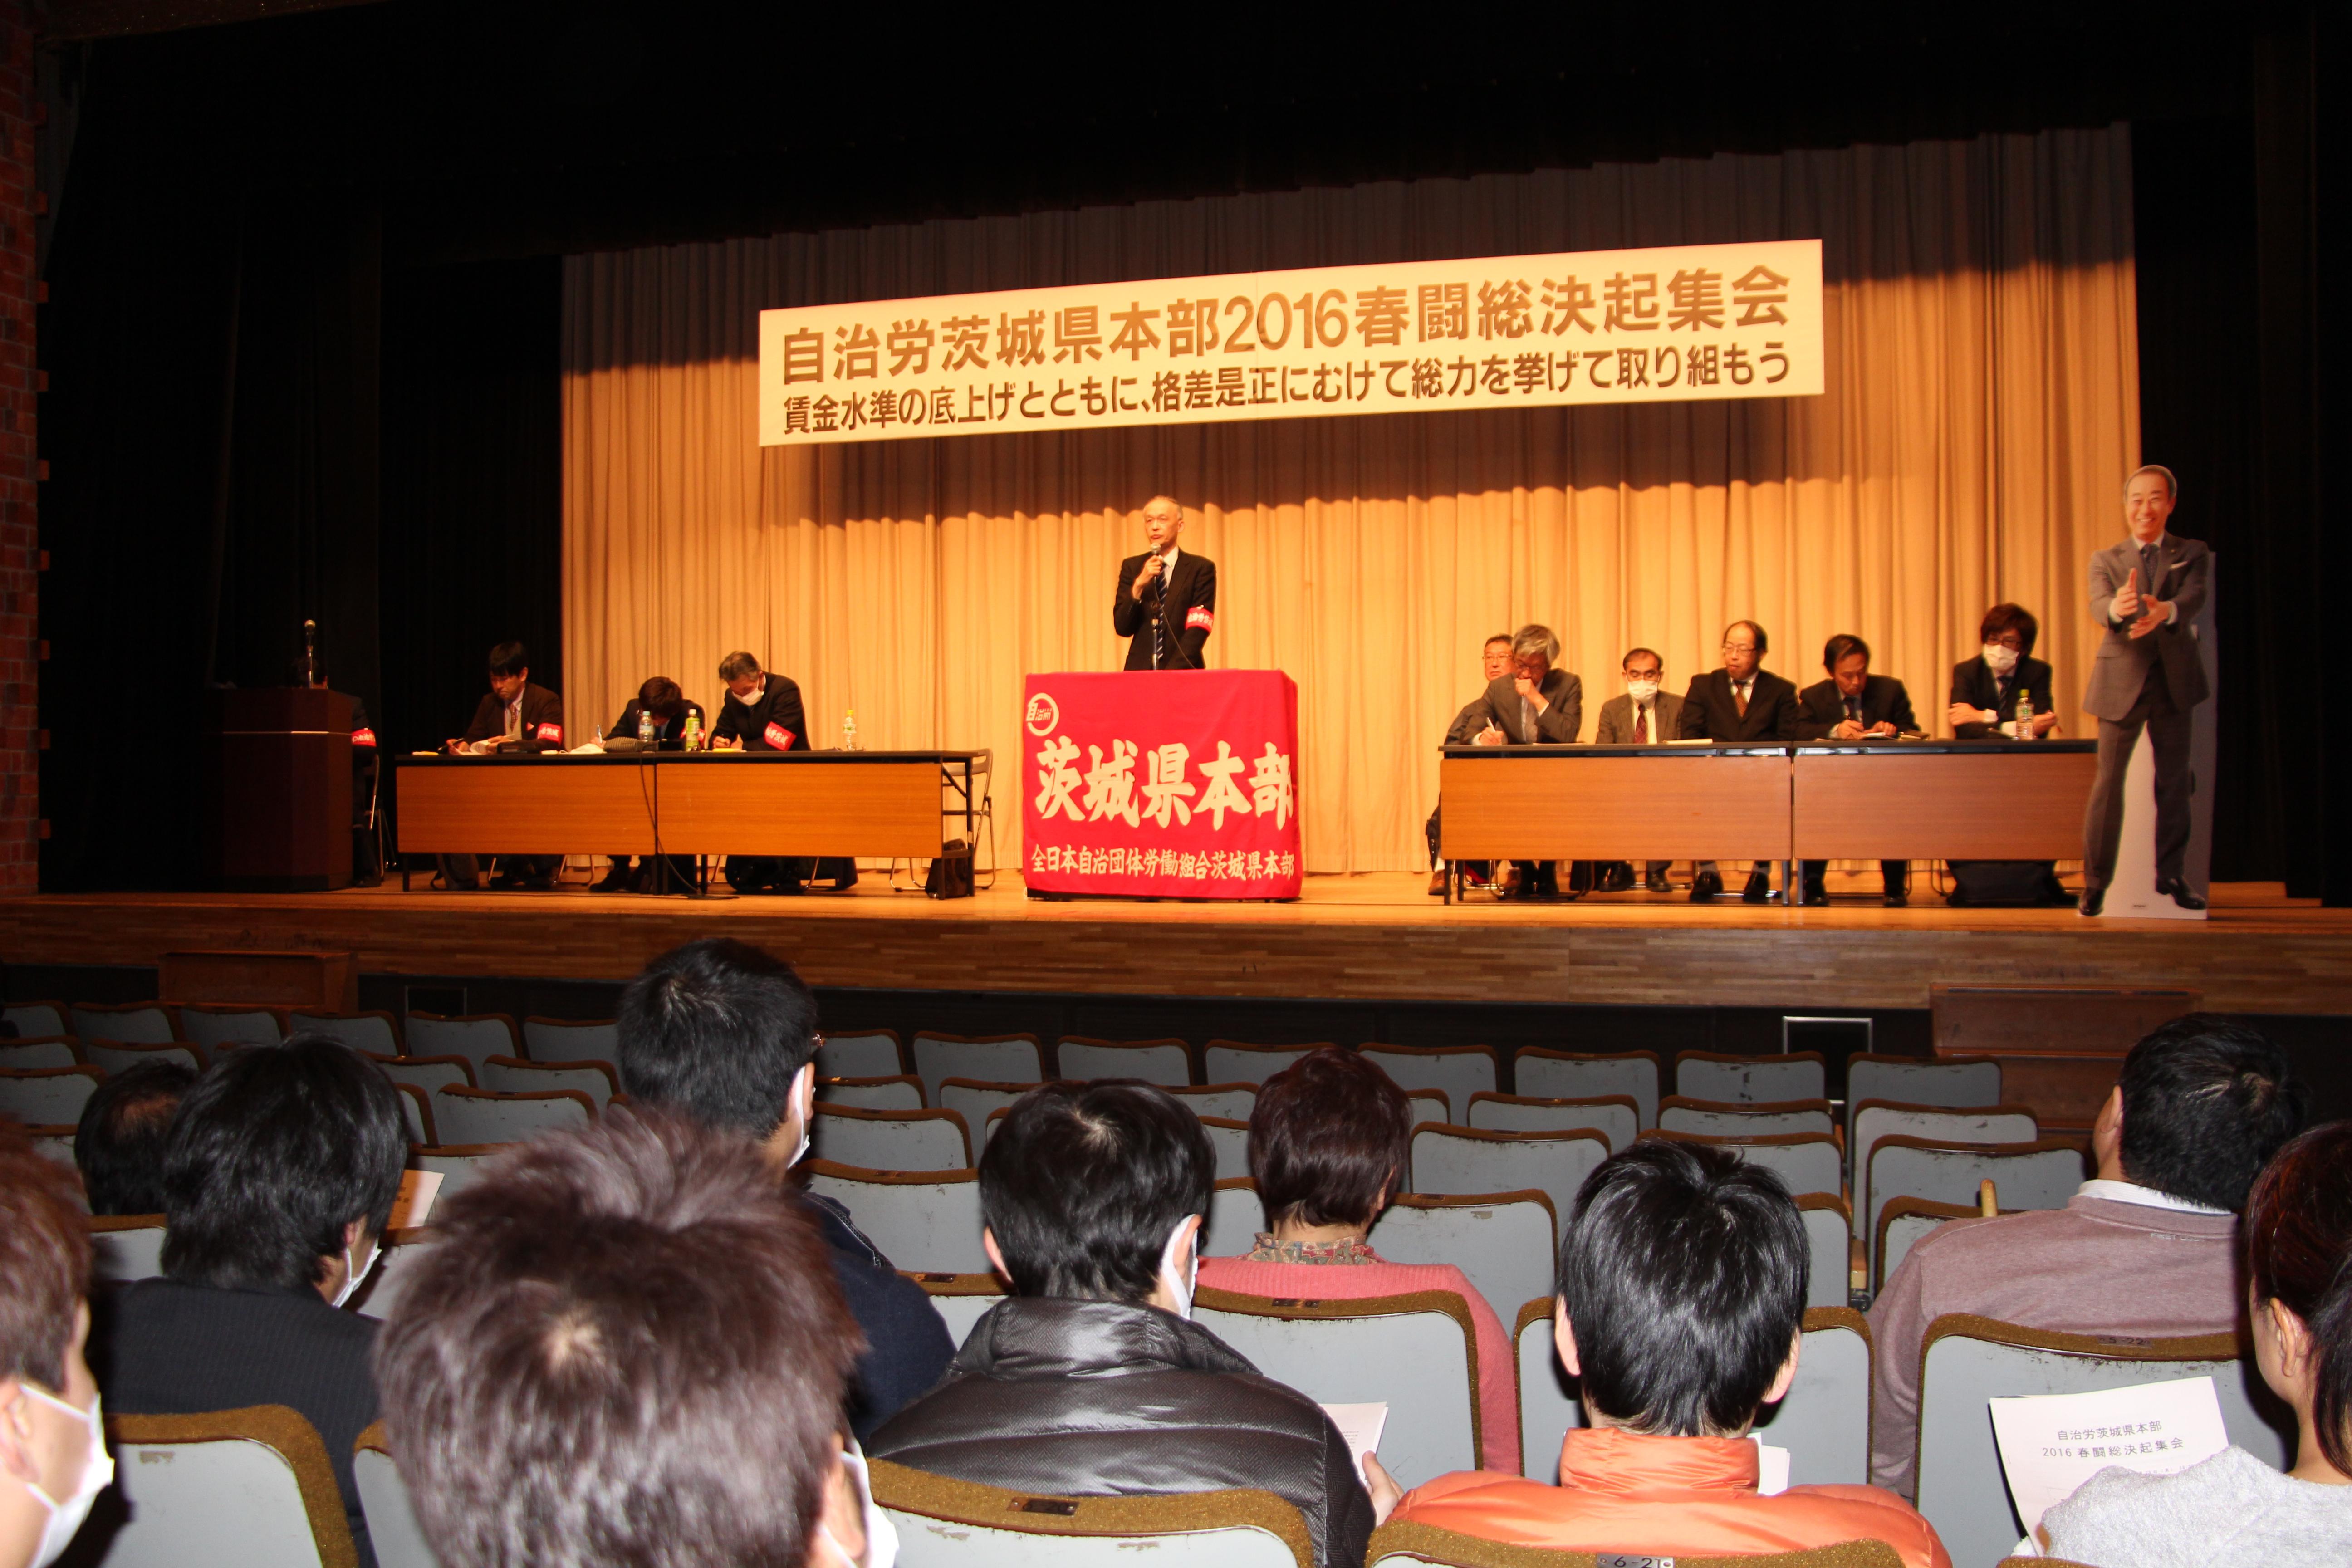 2016春闘総決起集会が開催されました。の画像